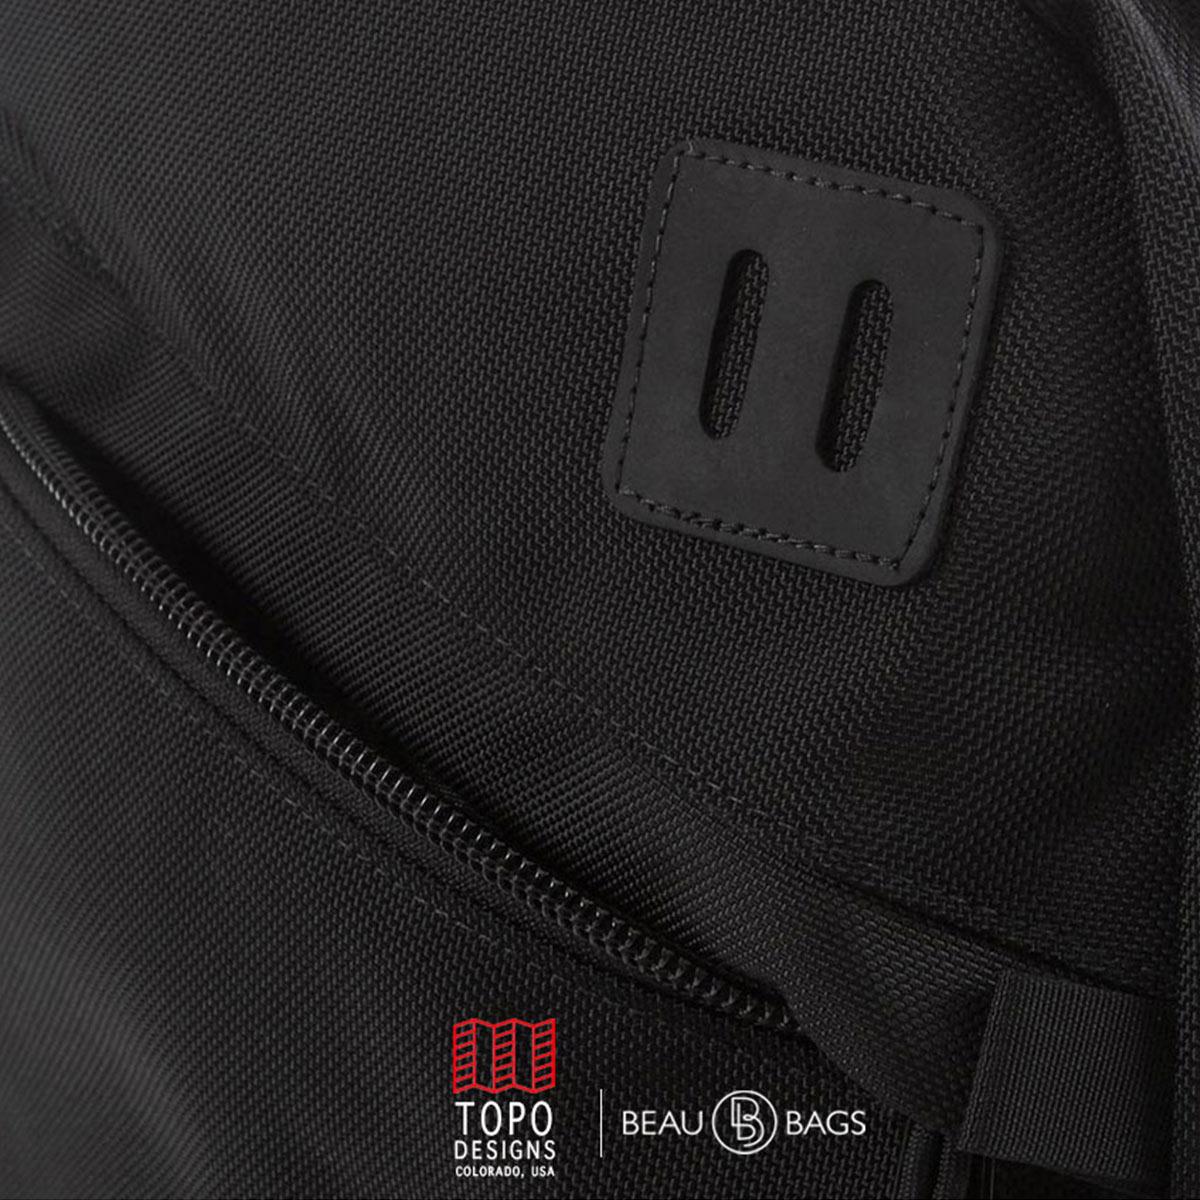 Topo Designs Daypack Ballistic Black Leather, Idealer Reiserucksack für Reise, Stadt, Arbeit oder Schule.